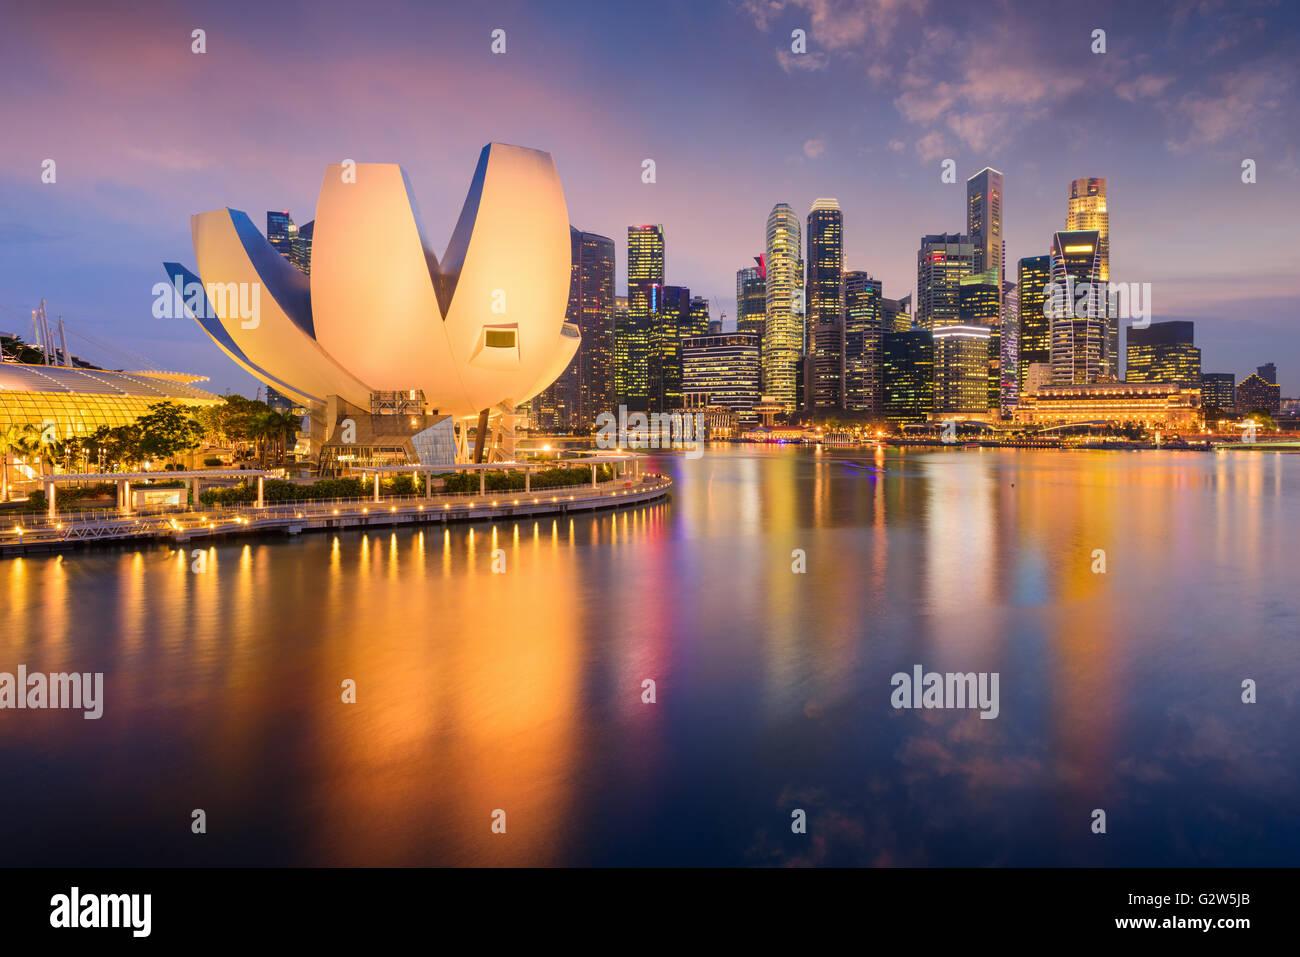 Singapore skyline at the Marina during twilight. - Stock Image